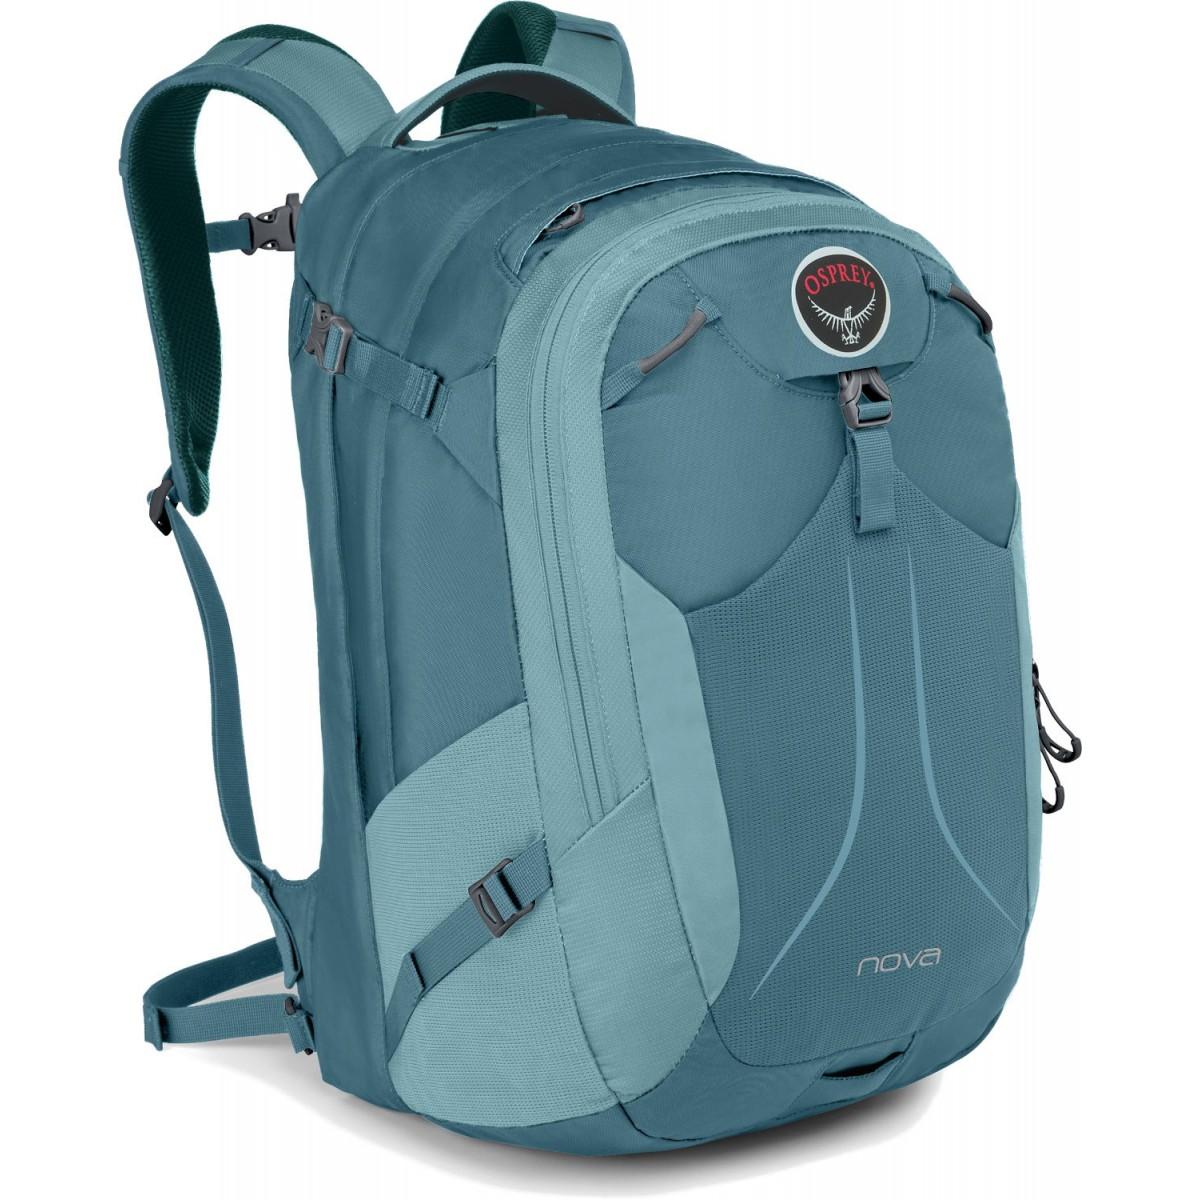 Рюкзак osprey nova 33 jam purple детские рюкзаки для детсада